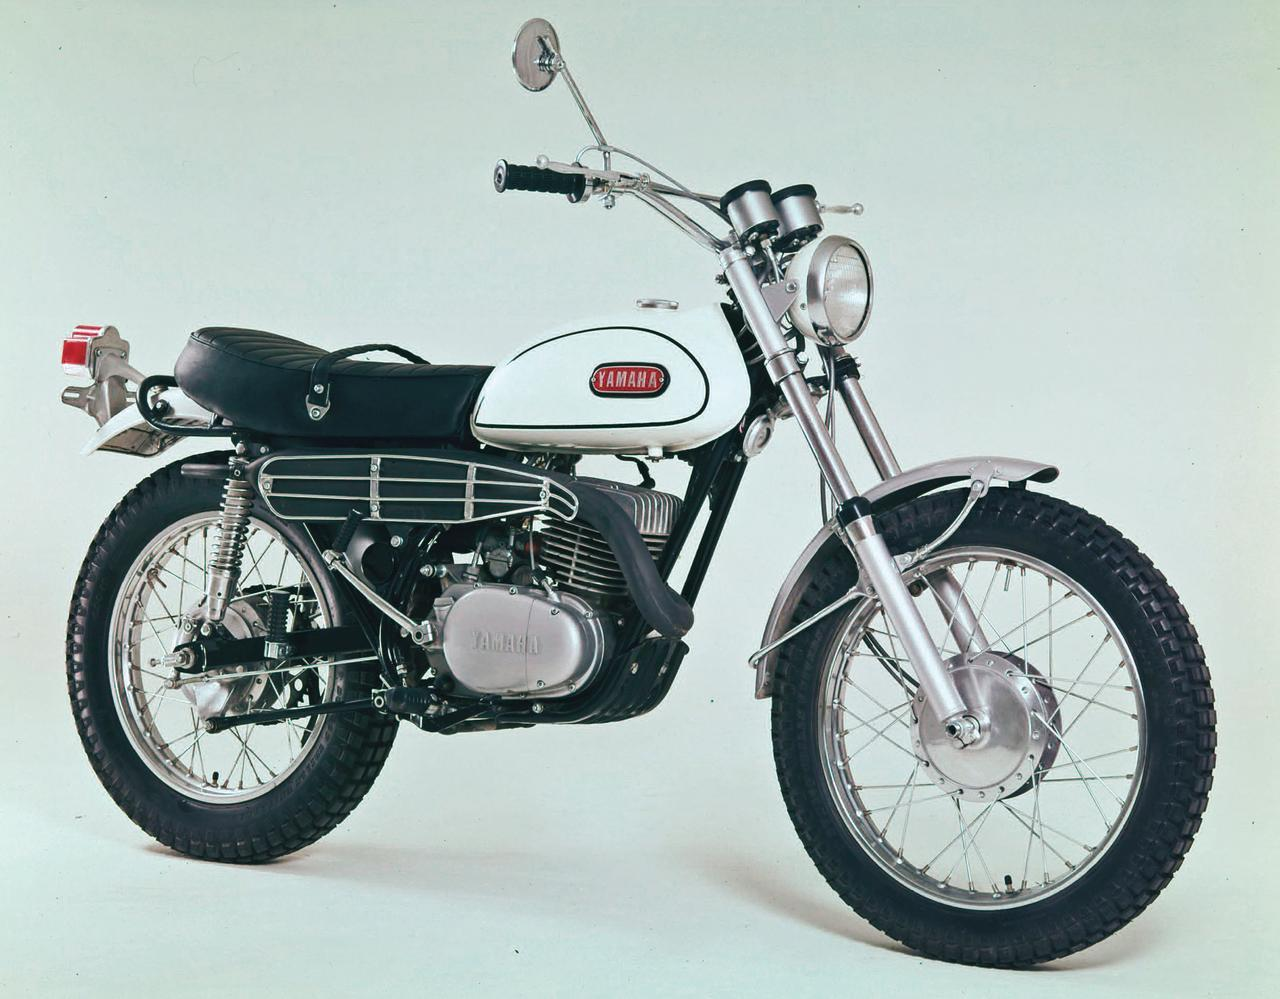 画像: 【心に残る日本のバイク遺産】国産初のオフロードモデル「YAMAHA DT-1」-1968年- 2サイクル250cc史 編 - webオートバイ